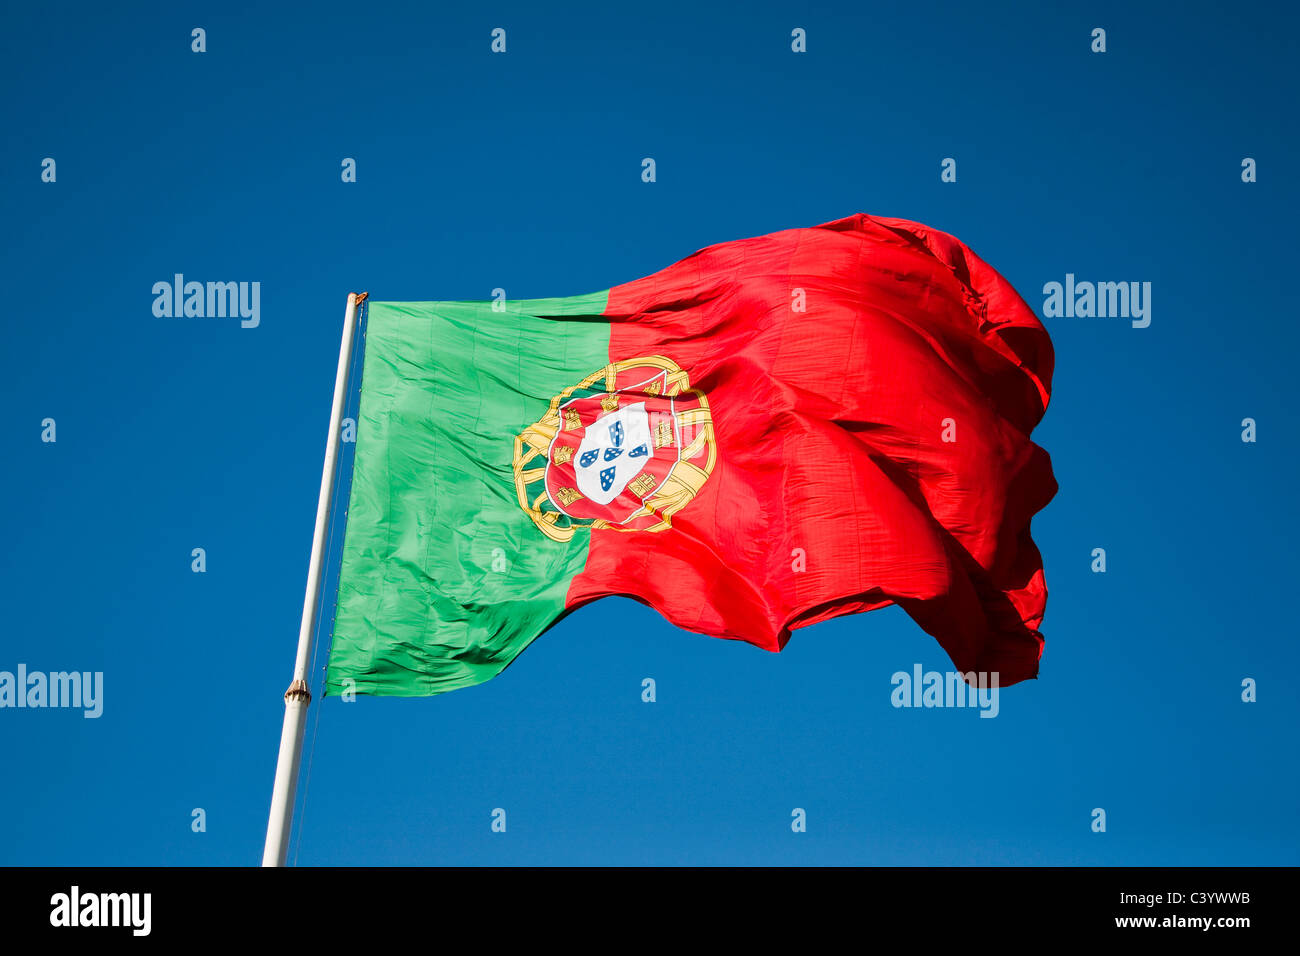 Il Portogallo, Europa, bandiera, Bandiera, Banner, verde, rosso Immagini Stock